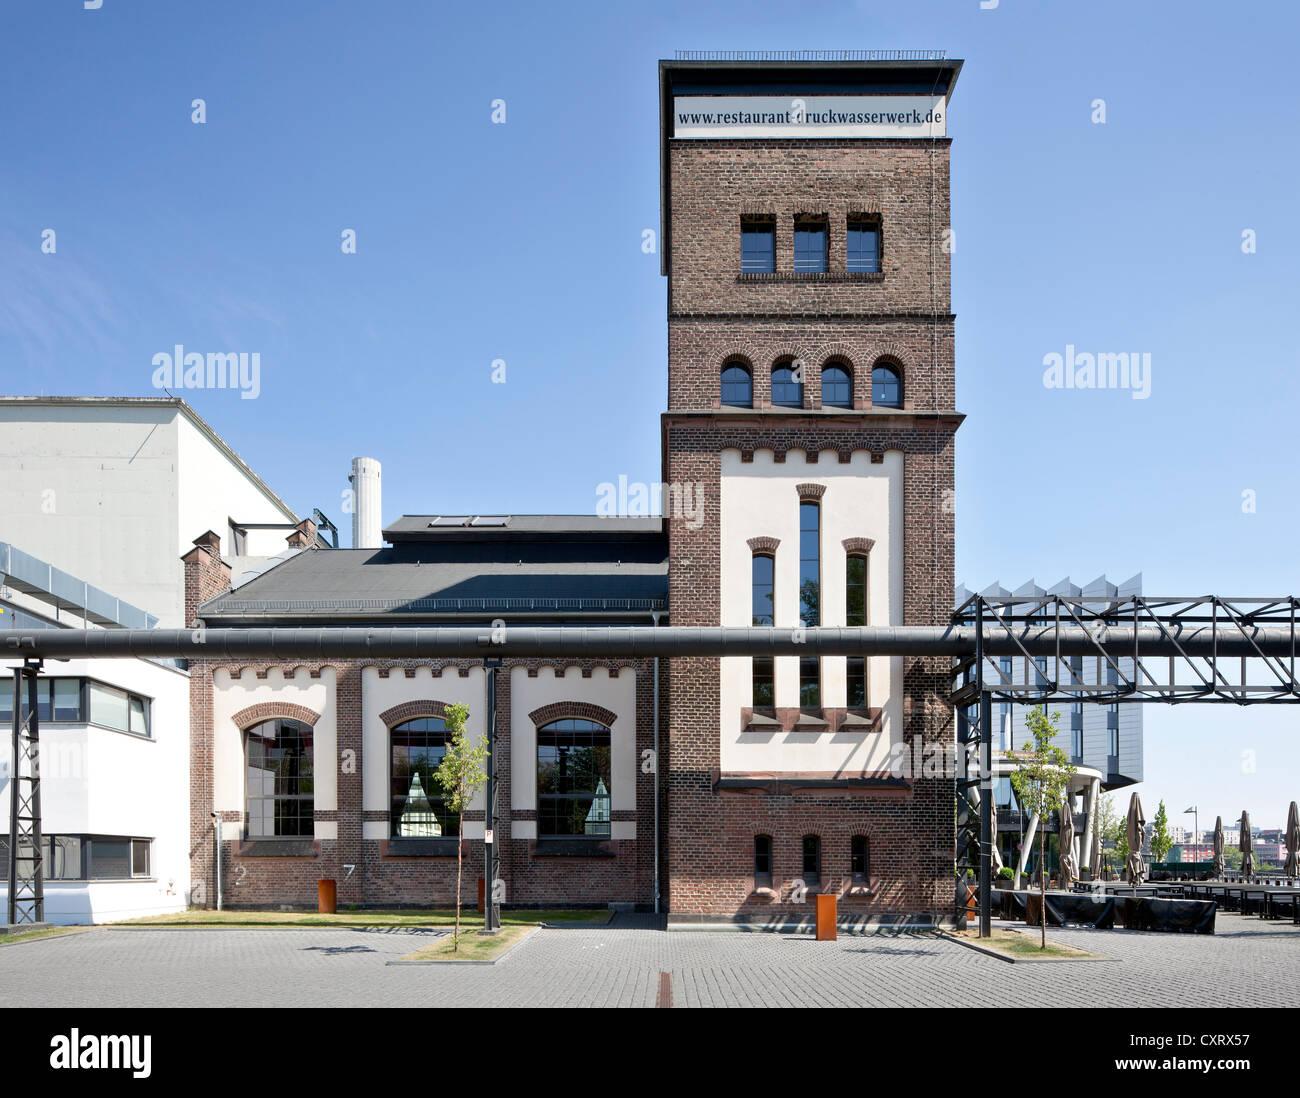 Former Druckwasserwerk or Pressure Water Works in Westhafen, now a restaurant, Frankfurt am Main, Hesse, PublicGround - Stock Image